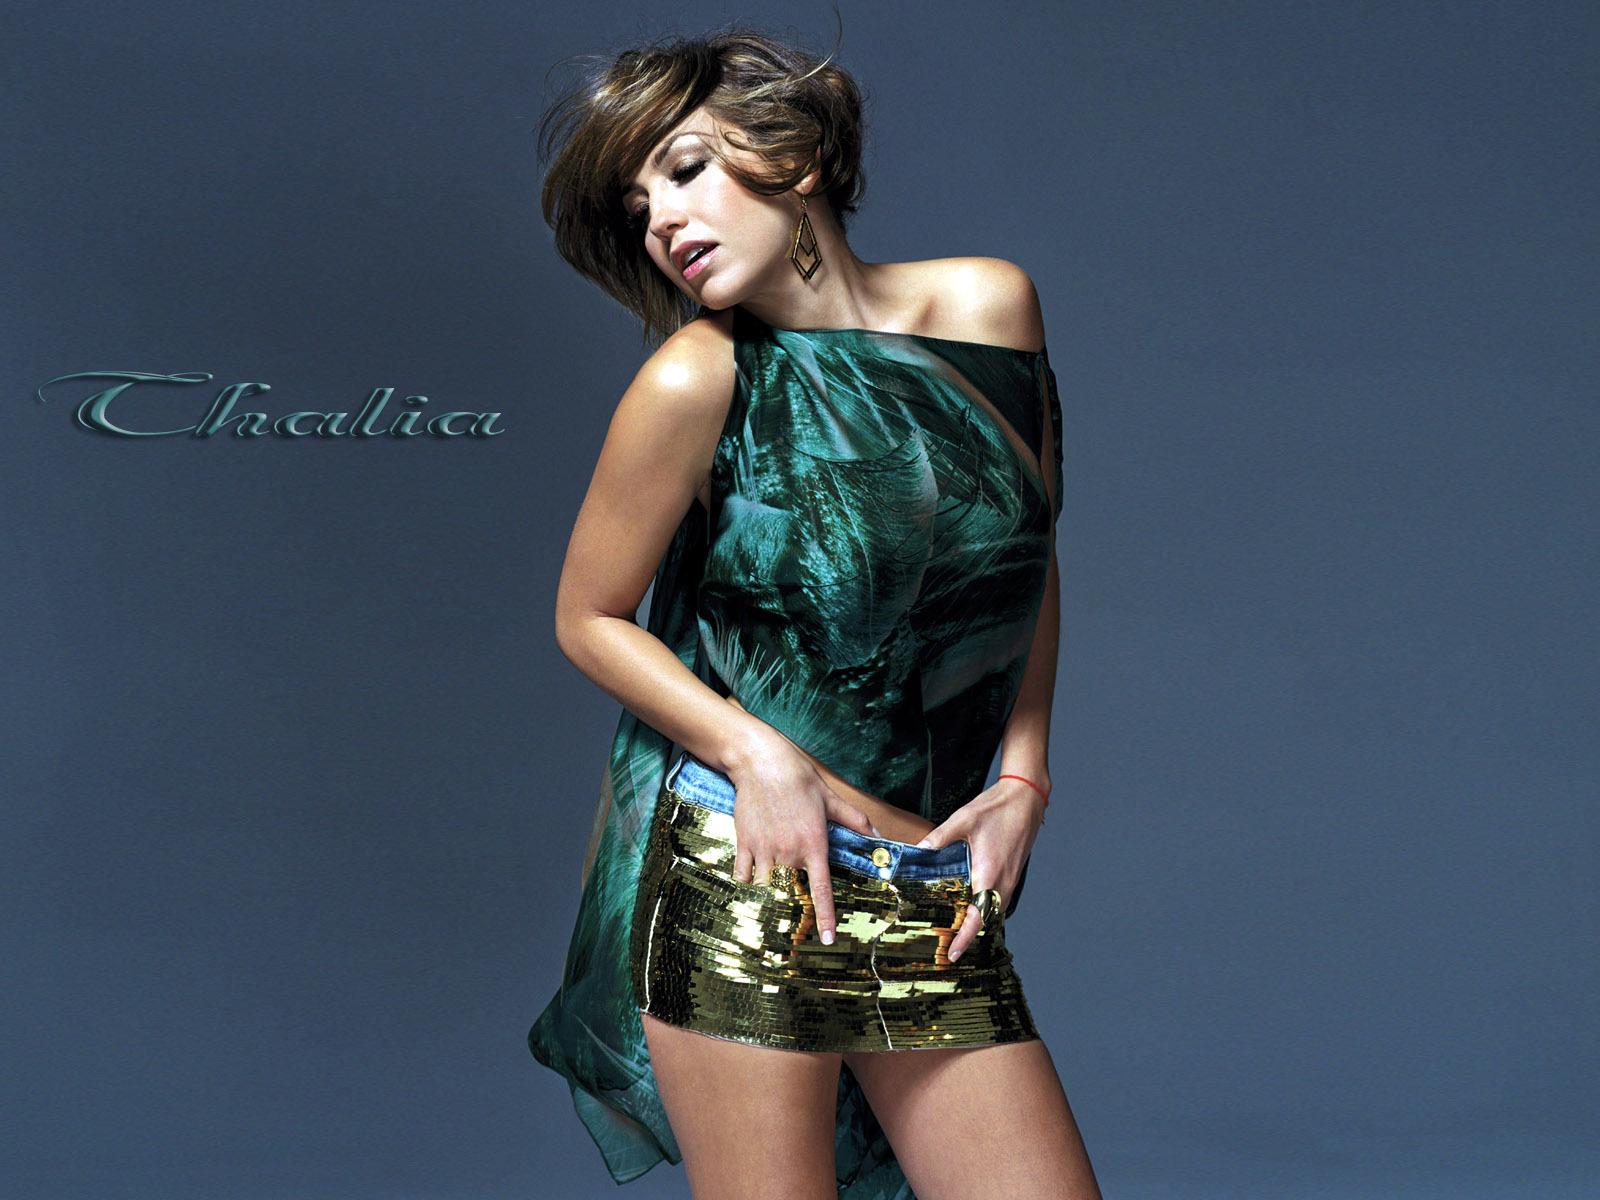 Thalia - Photos Hot